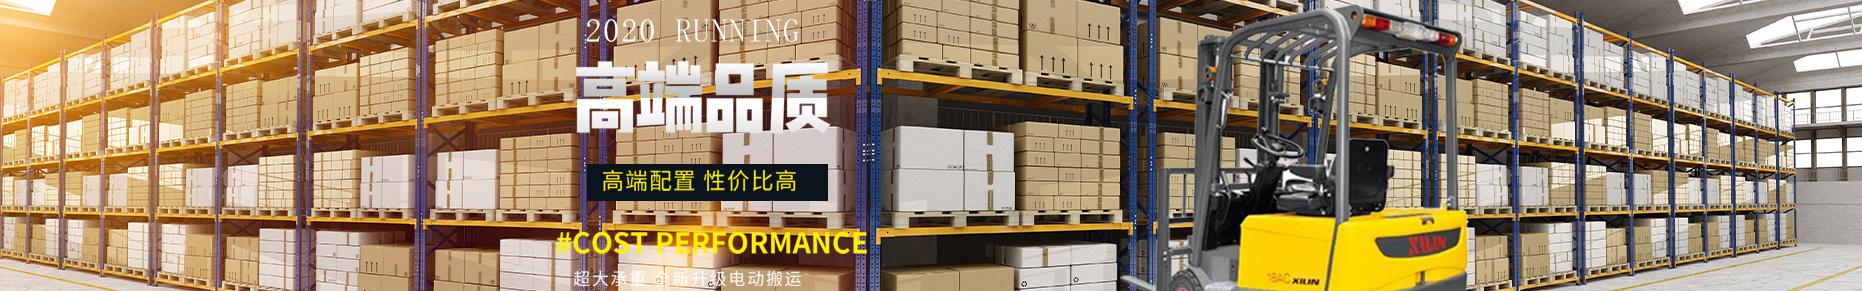 货架定制,新疆货架,新疆货架厂